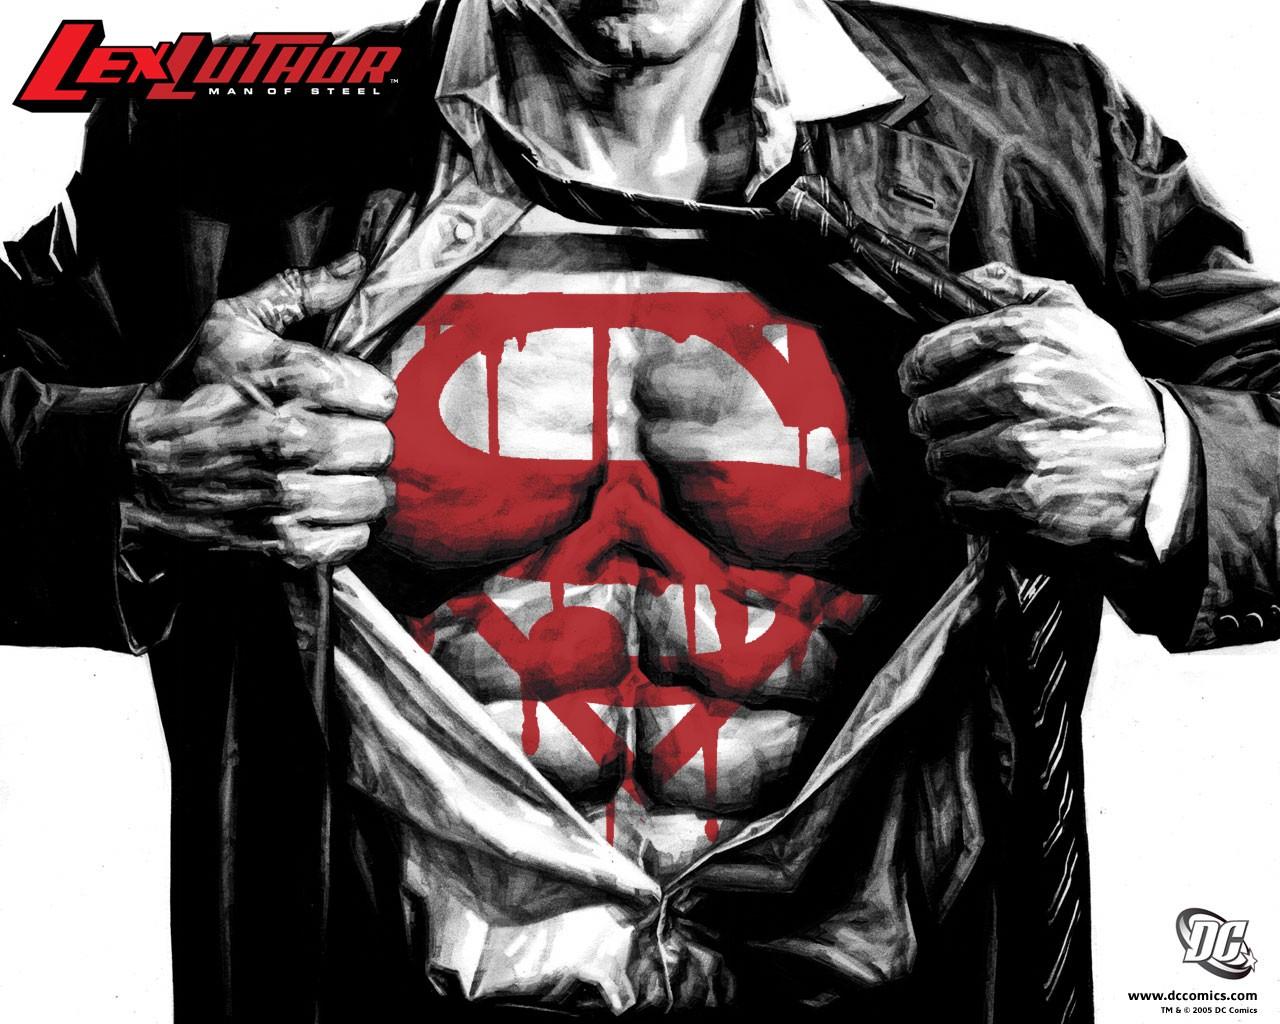 DC Comics Wallpaper 1280x1024 DC Comics Comics Superman Lex 1280x1024